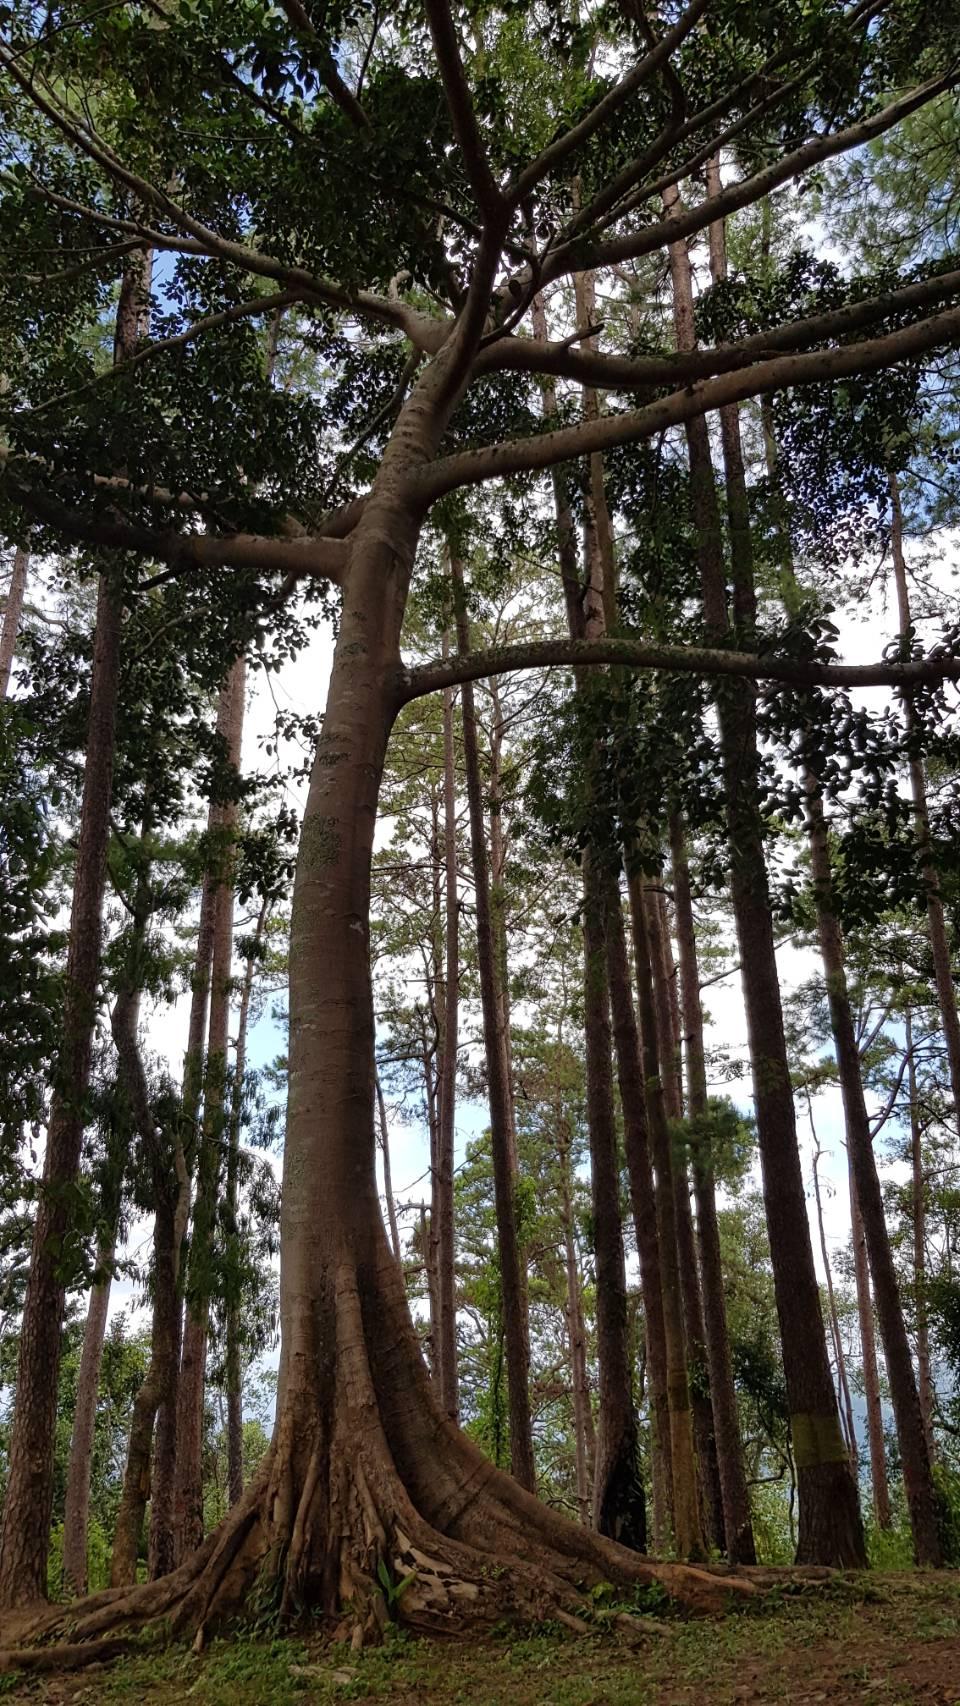 ดอยขุนตาล, อุทยานแห่งชาติดอยขุนตาล, ต้นฮุง